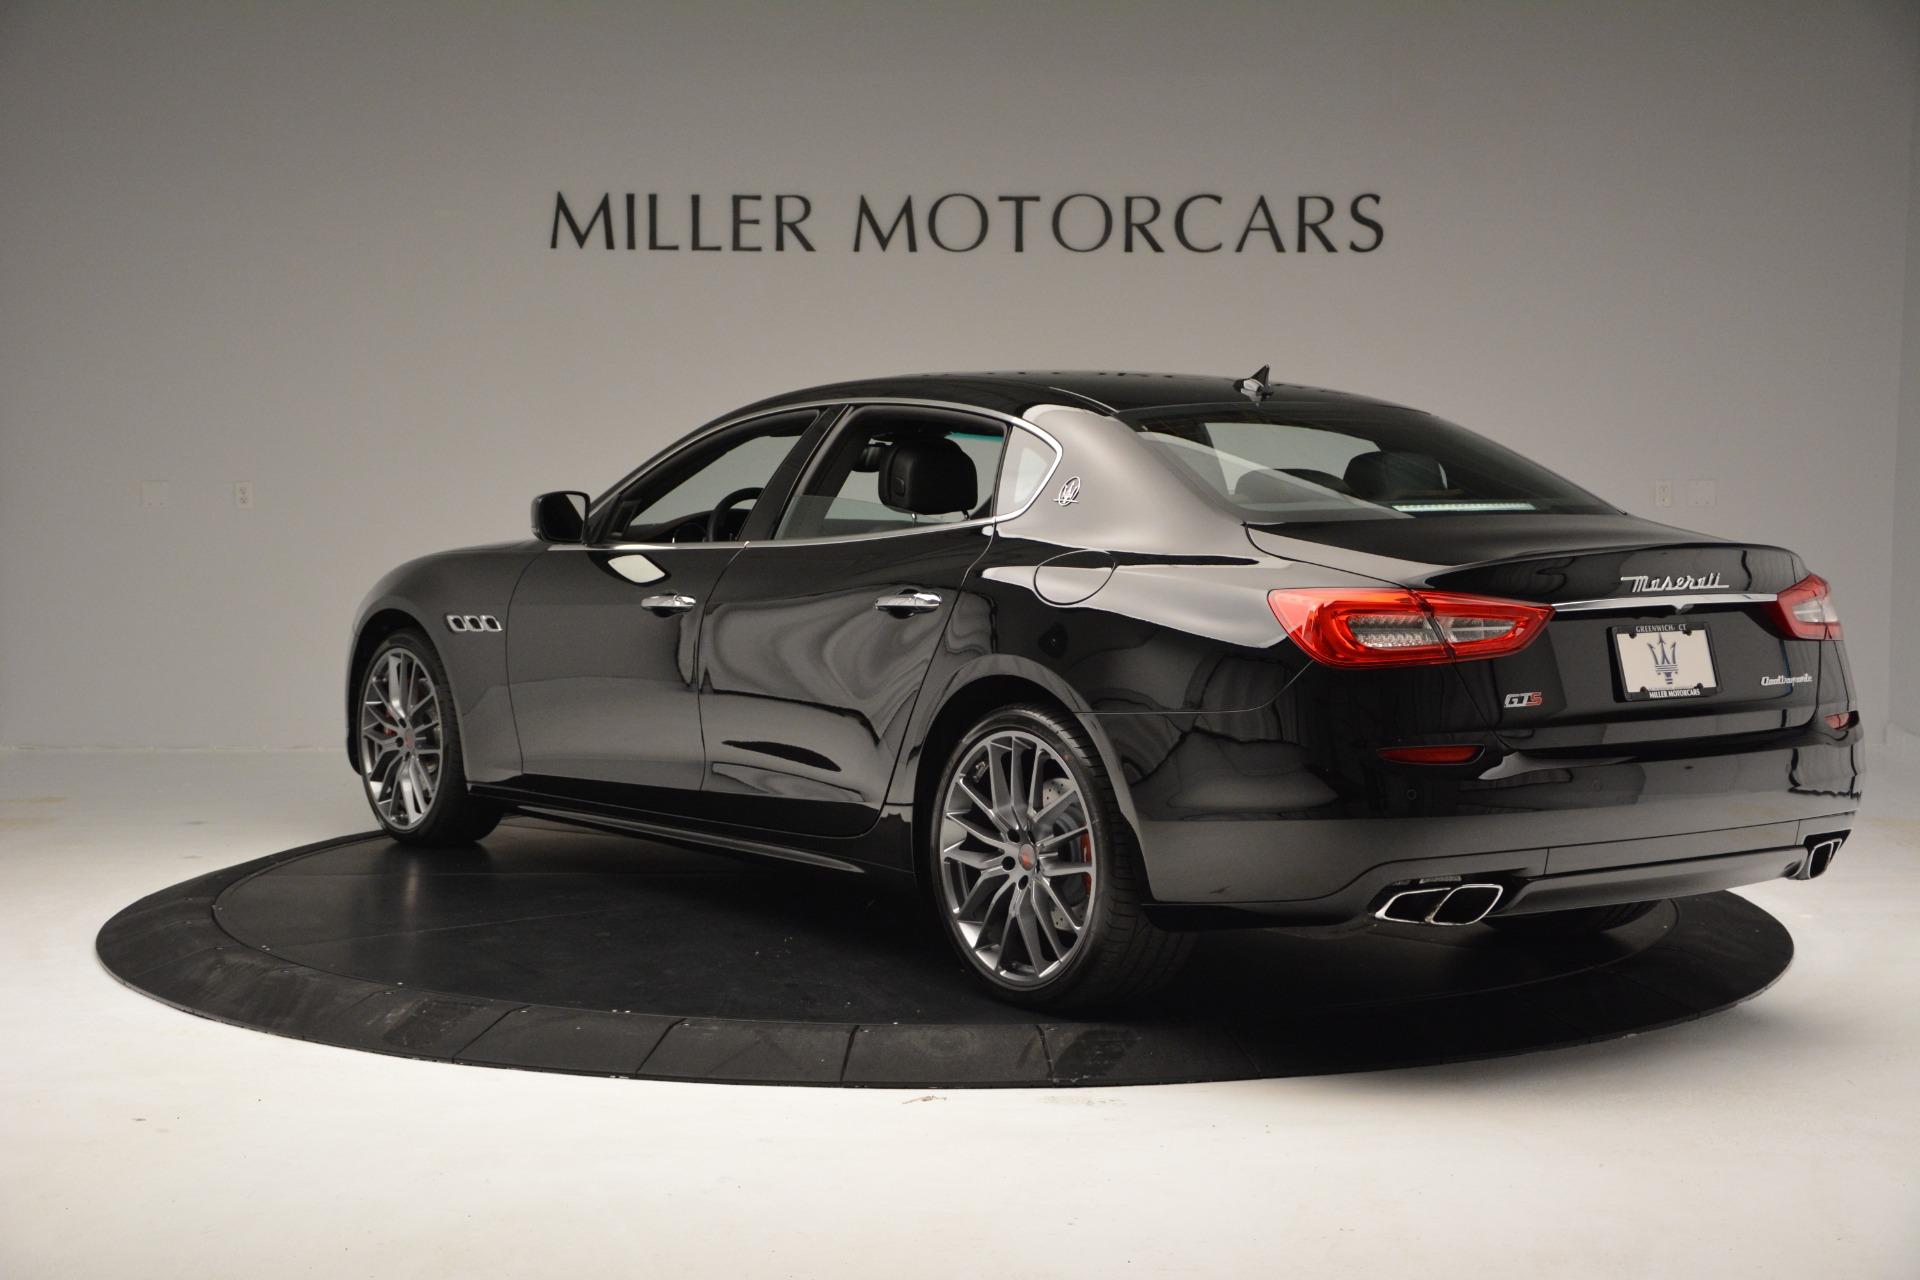 Used 2015 Maserati Quattroporte GTS For Sale In Greenwich, CT. Alfa Romeo of Greenwich, R482A 2993_p5